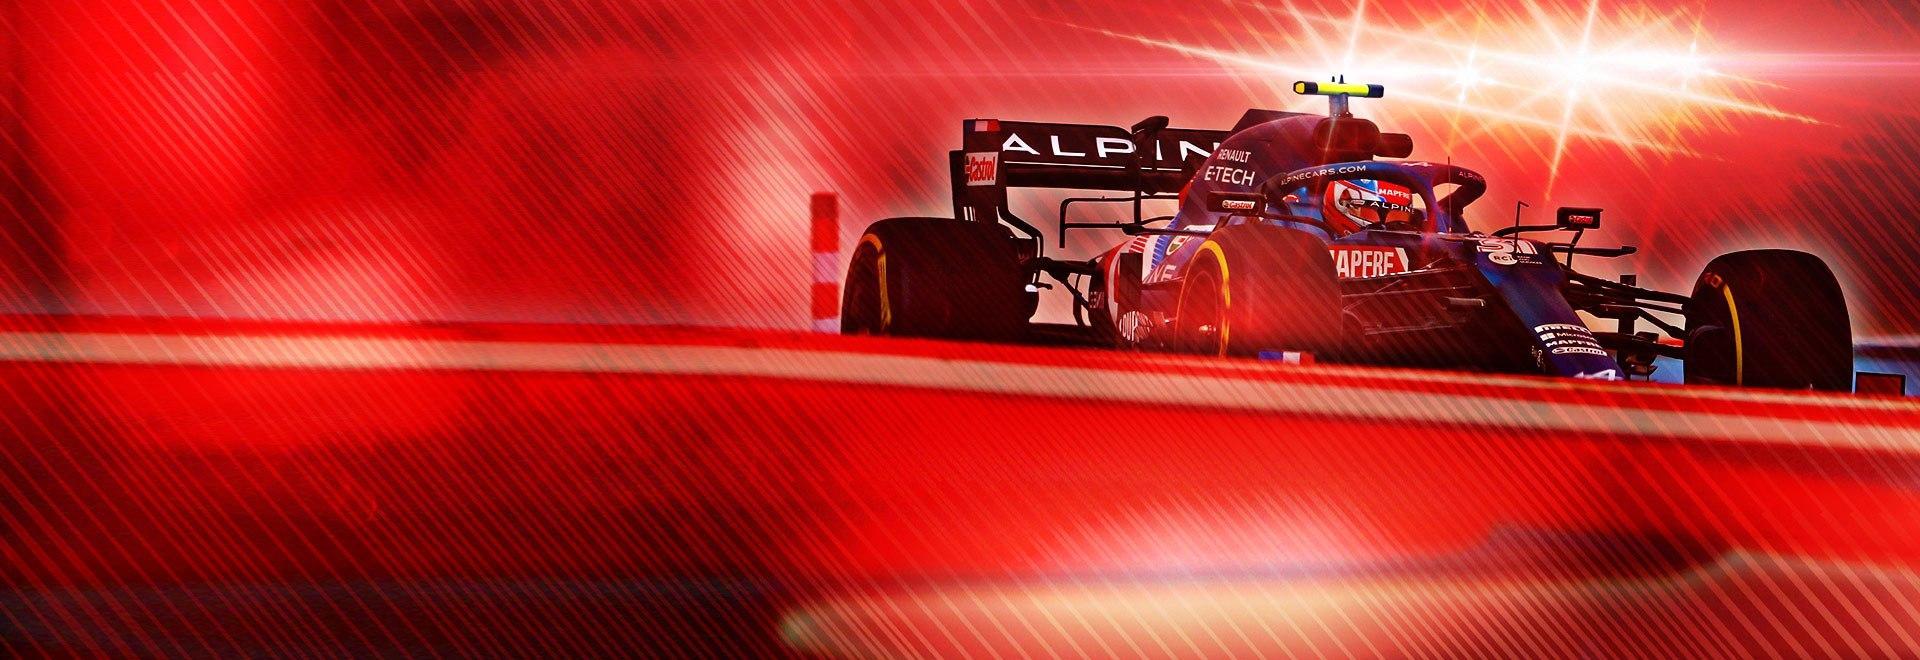 GP Bahrain. PL3